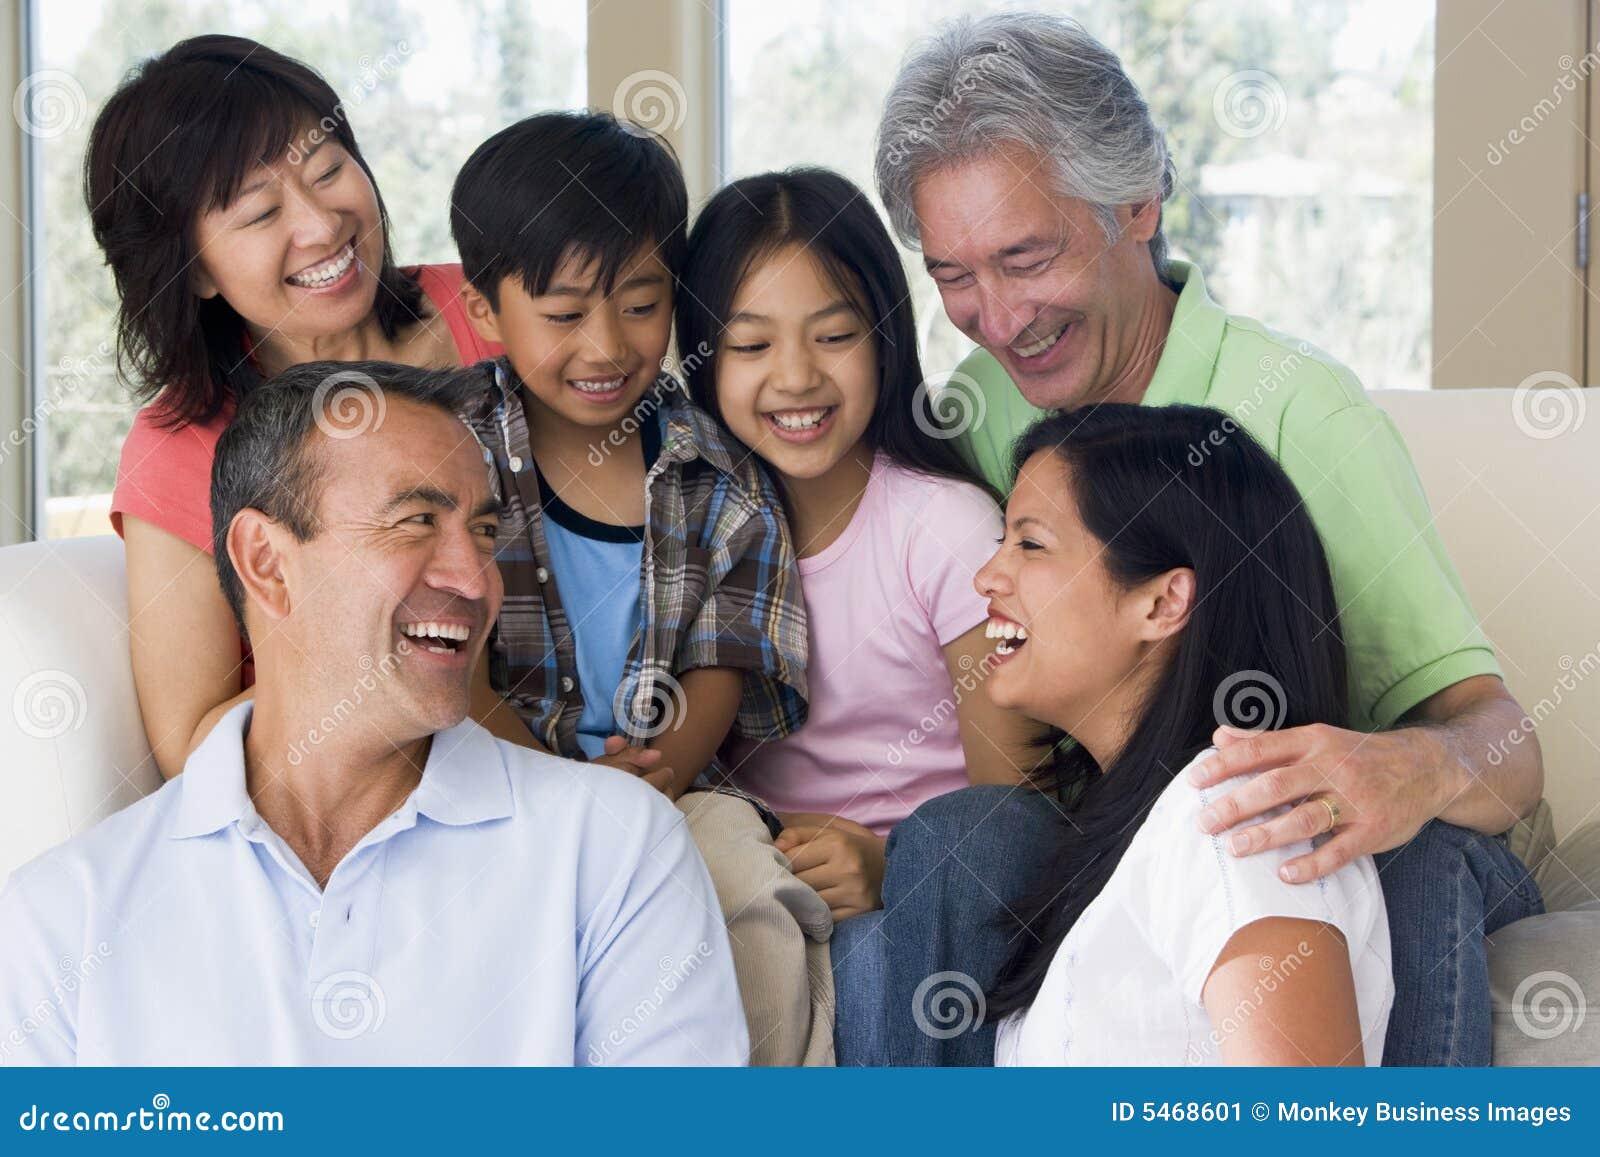 Großfamilie beim Wohnzimmerlächeln